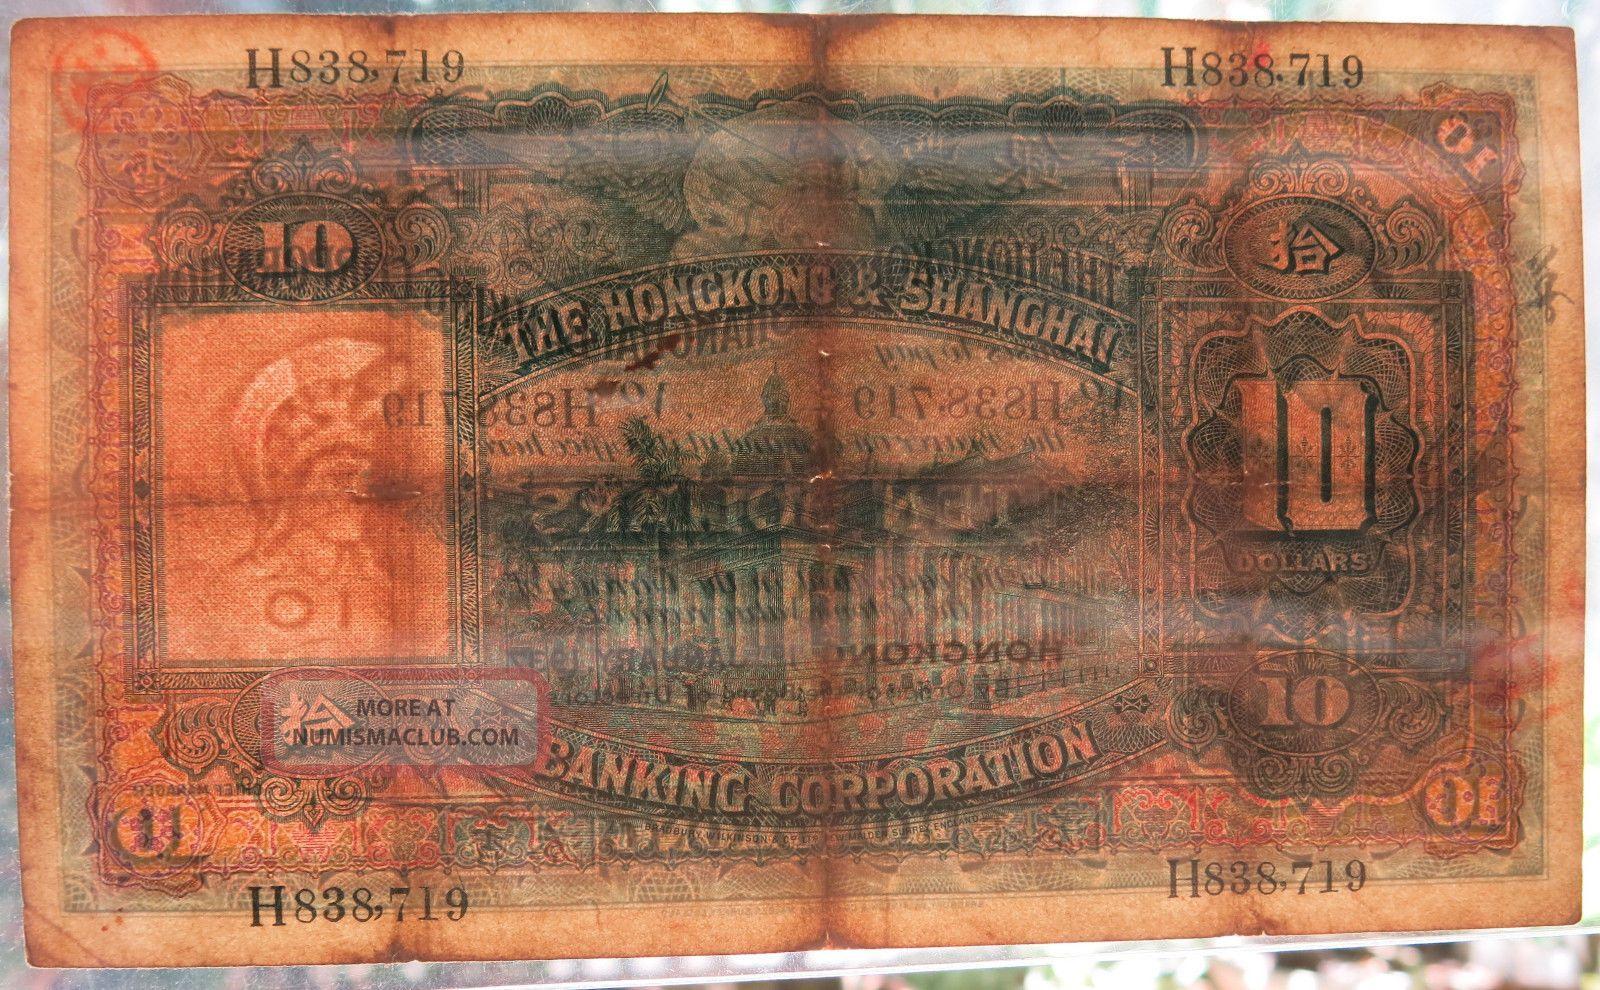 Hong Kong Hsbc 1937 10 Dollars P 178 Large Size Hand Signed